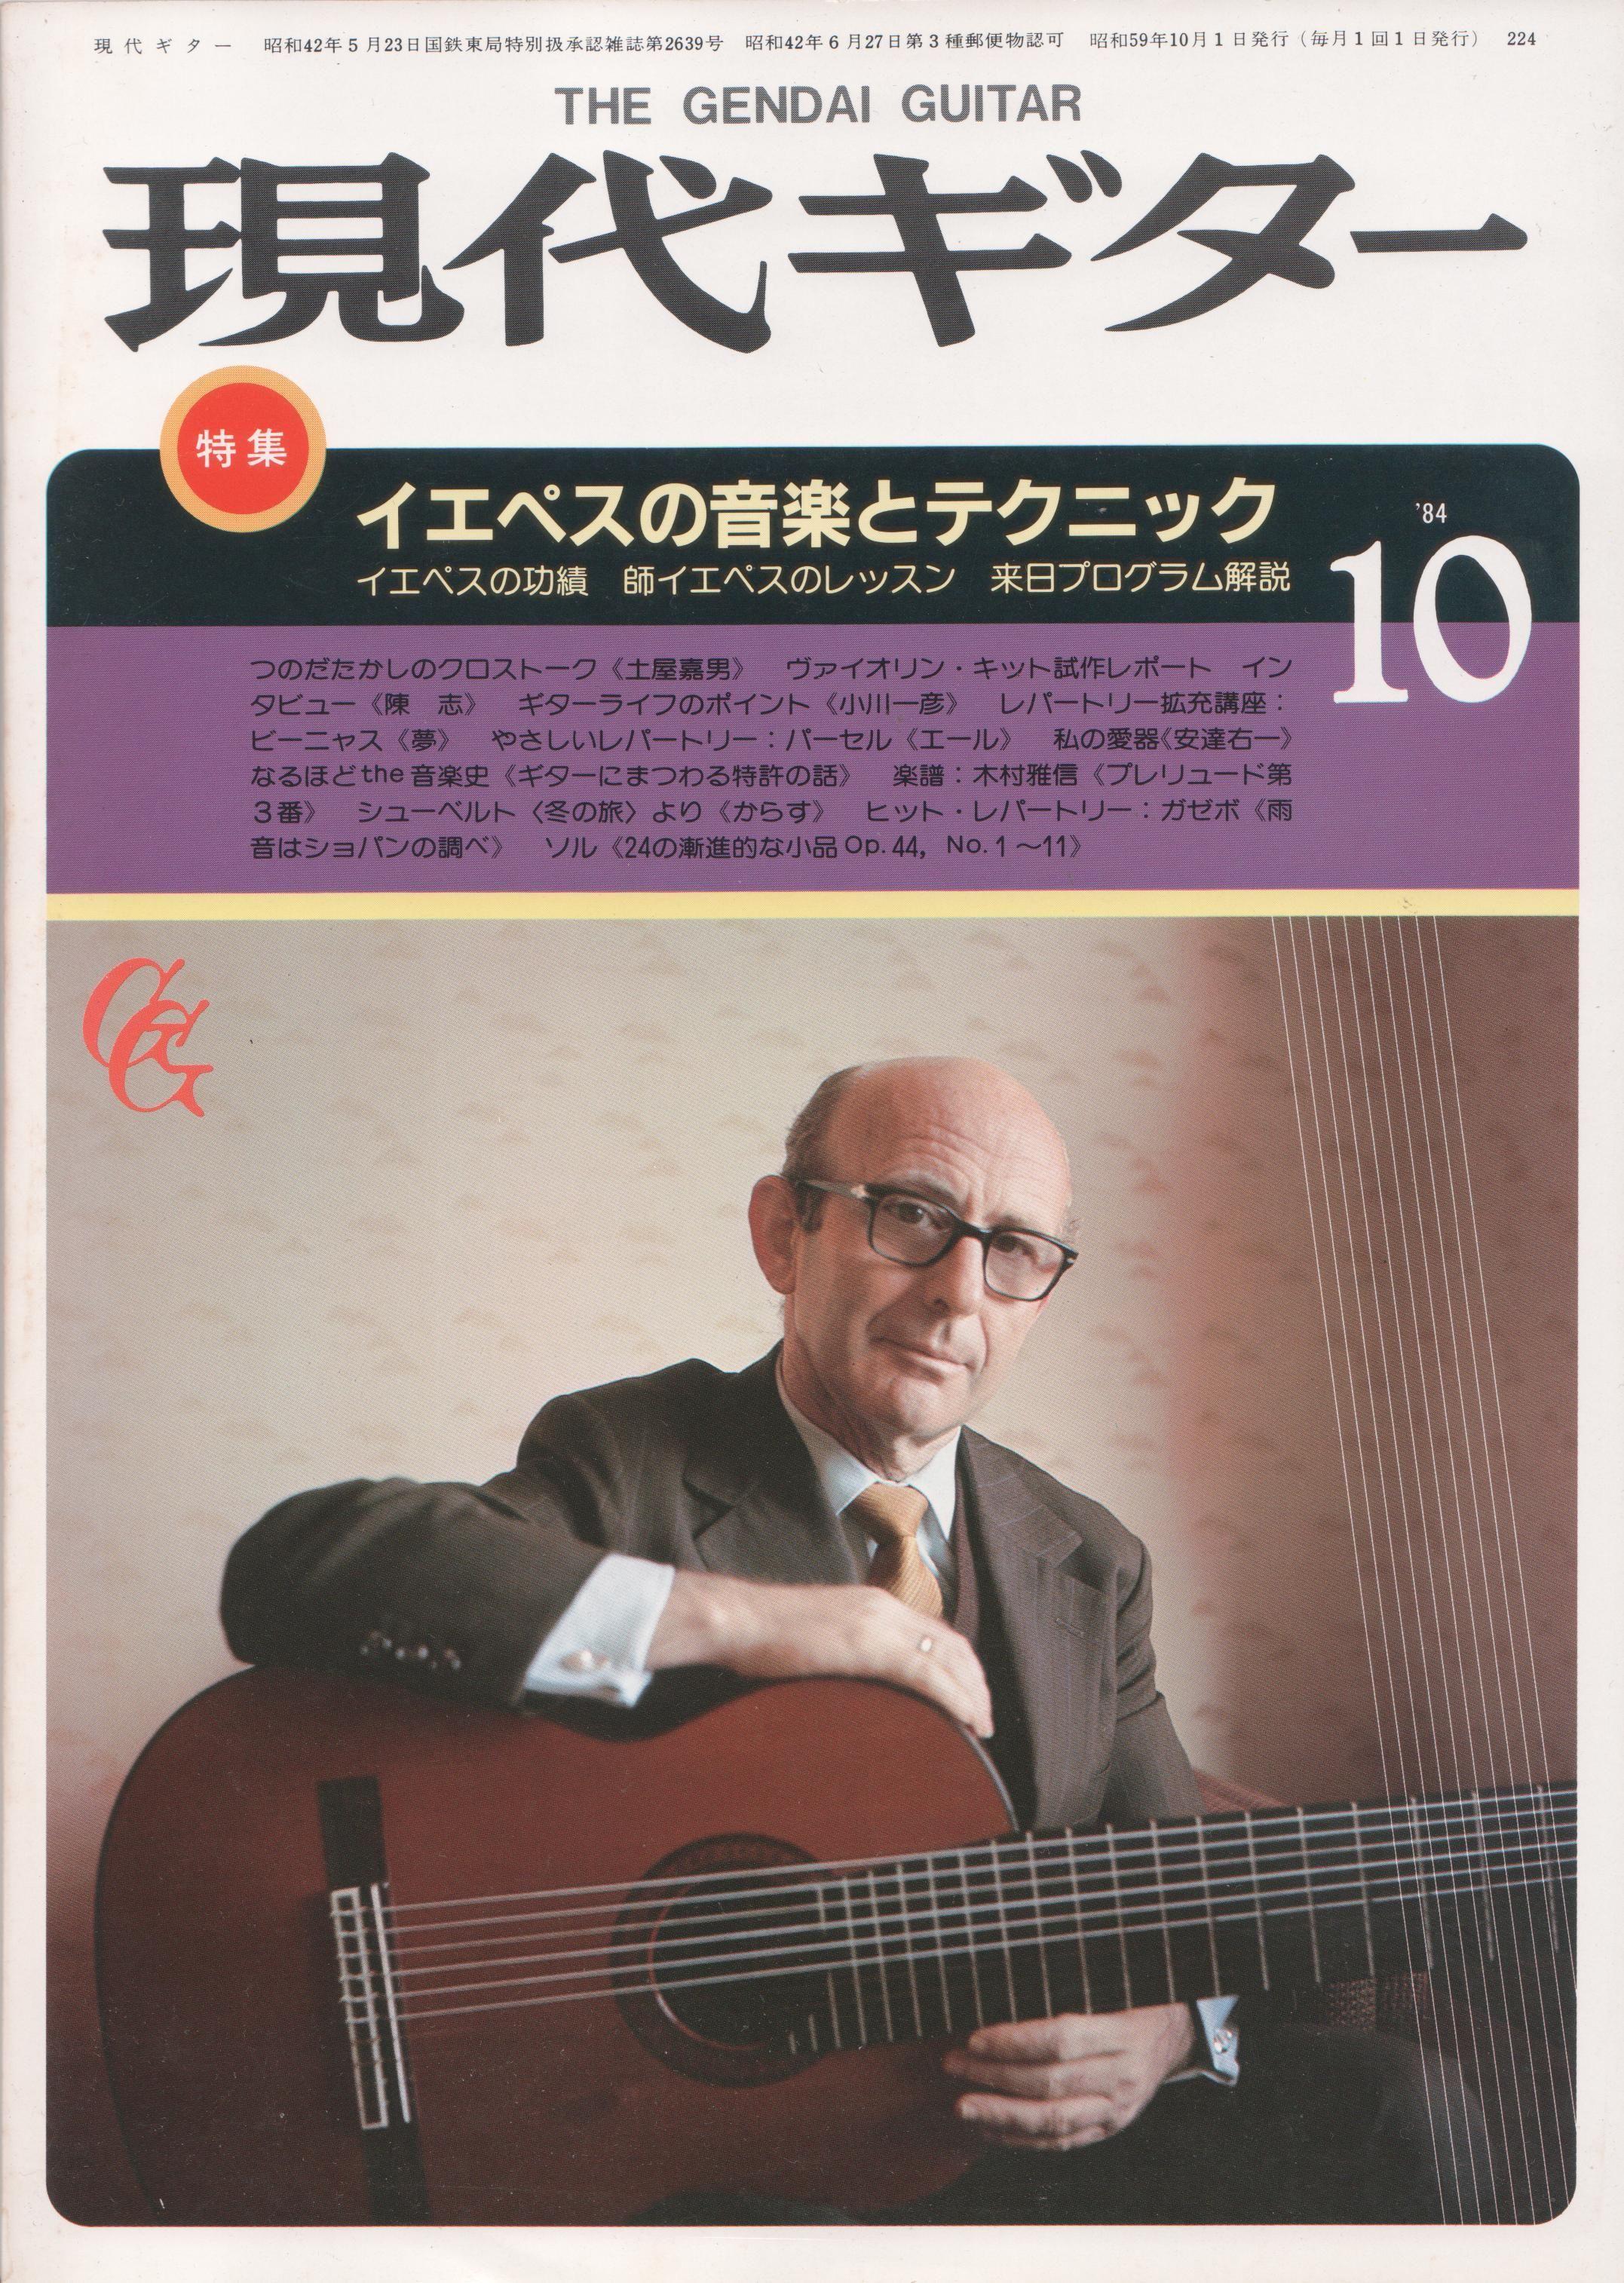 現代ギター 1984年10月号 224